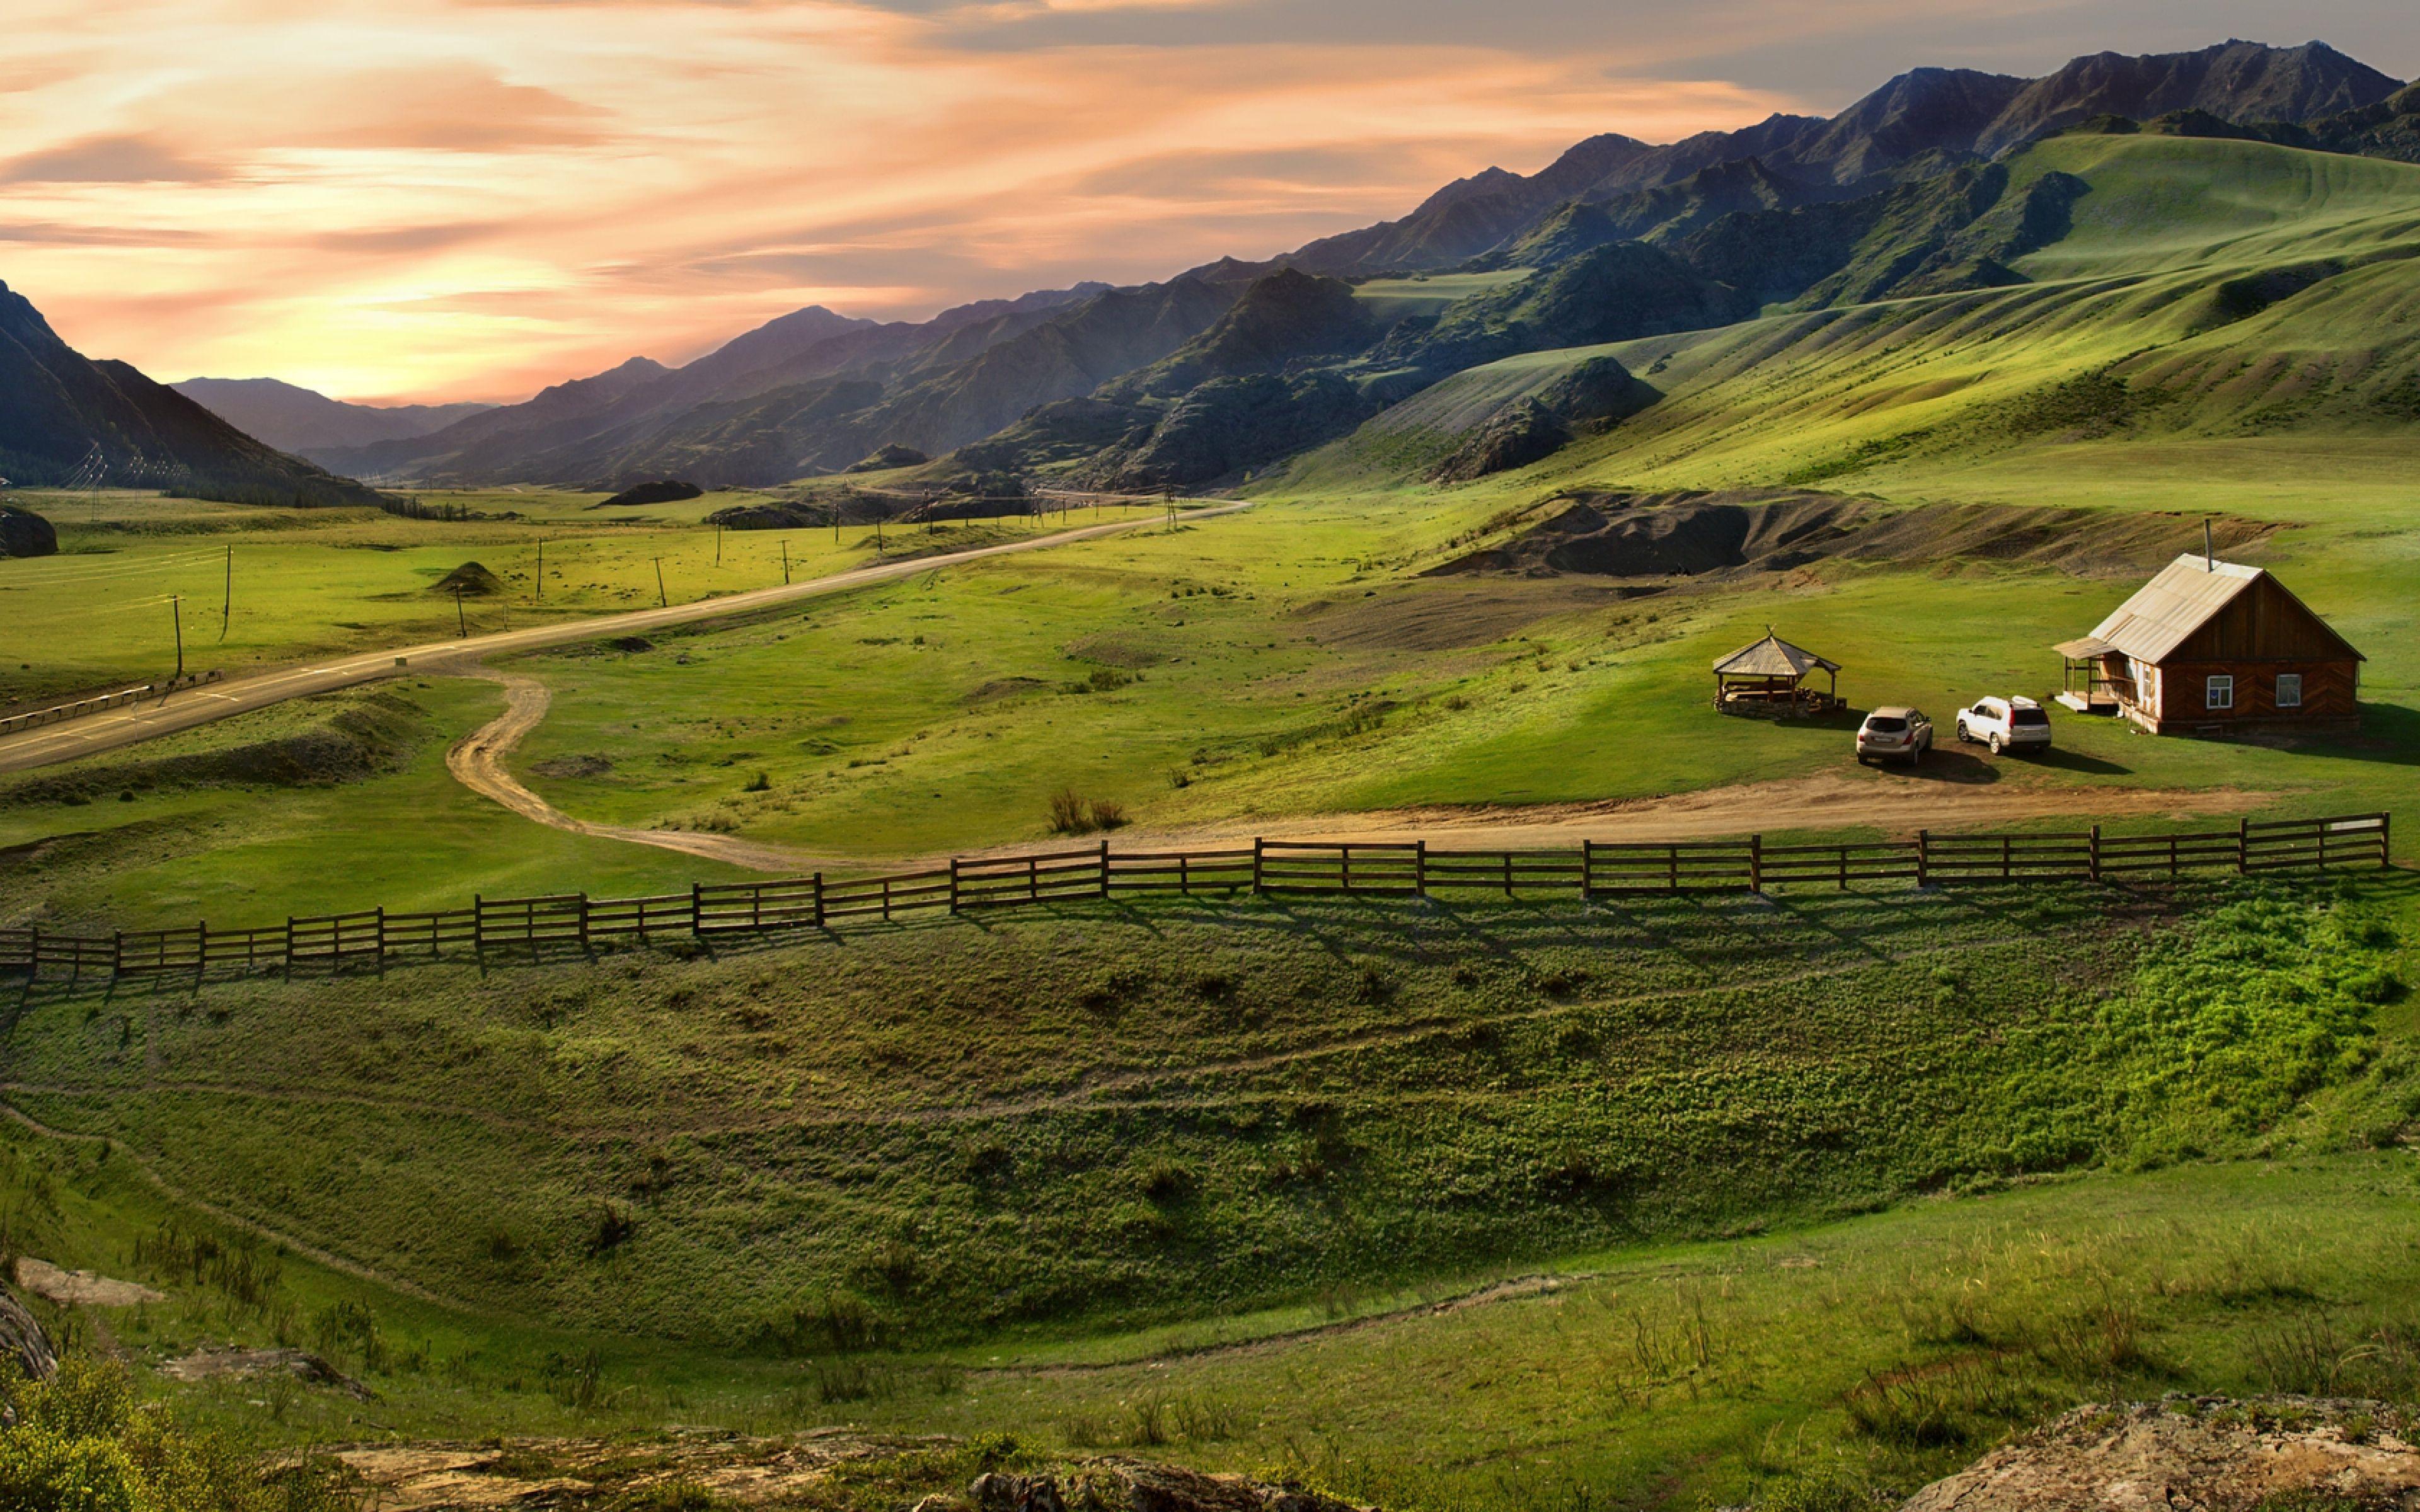 altai_mountains_plain_protection_house_car_46193_3840x2400